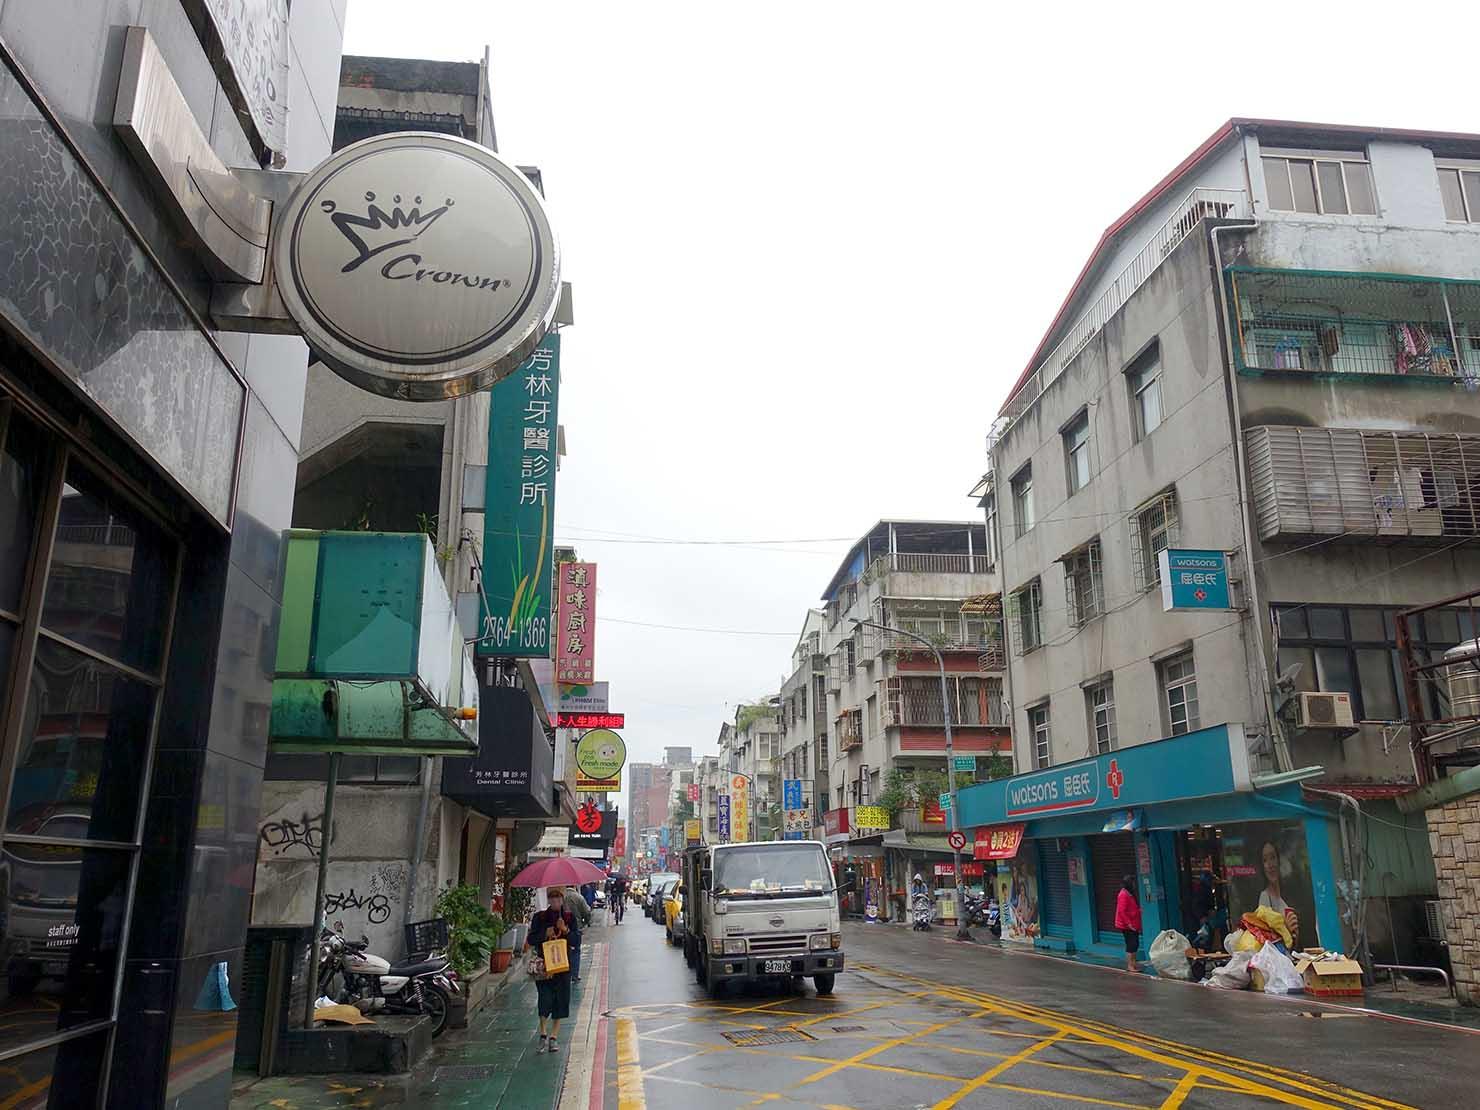 台北MRT(地下鉄)市政府駅近くのグルメストリート「永吉街30巷」